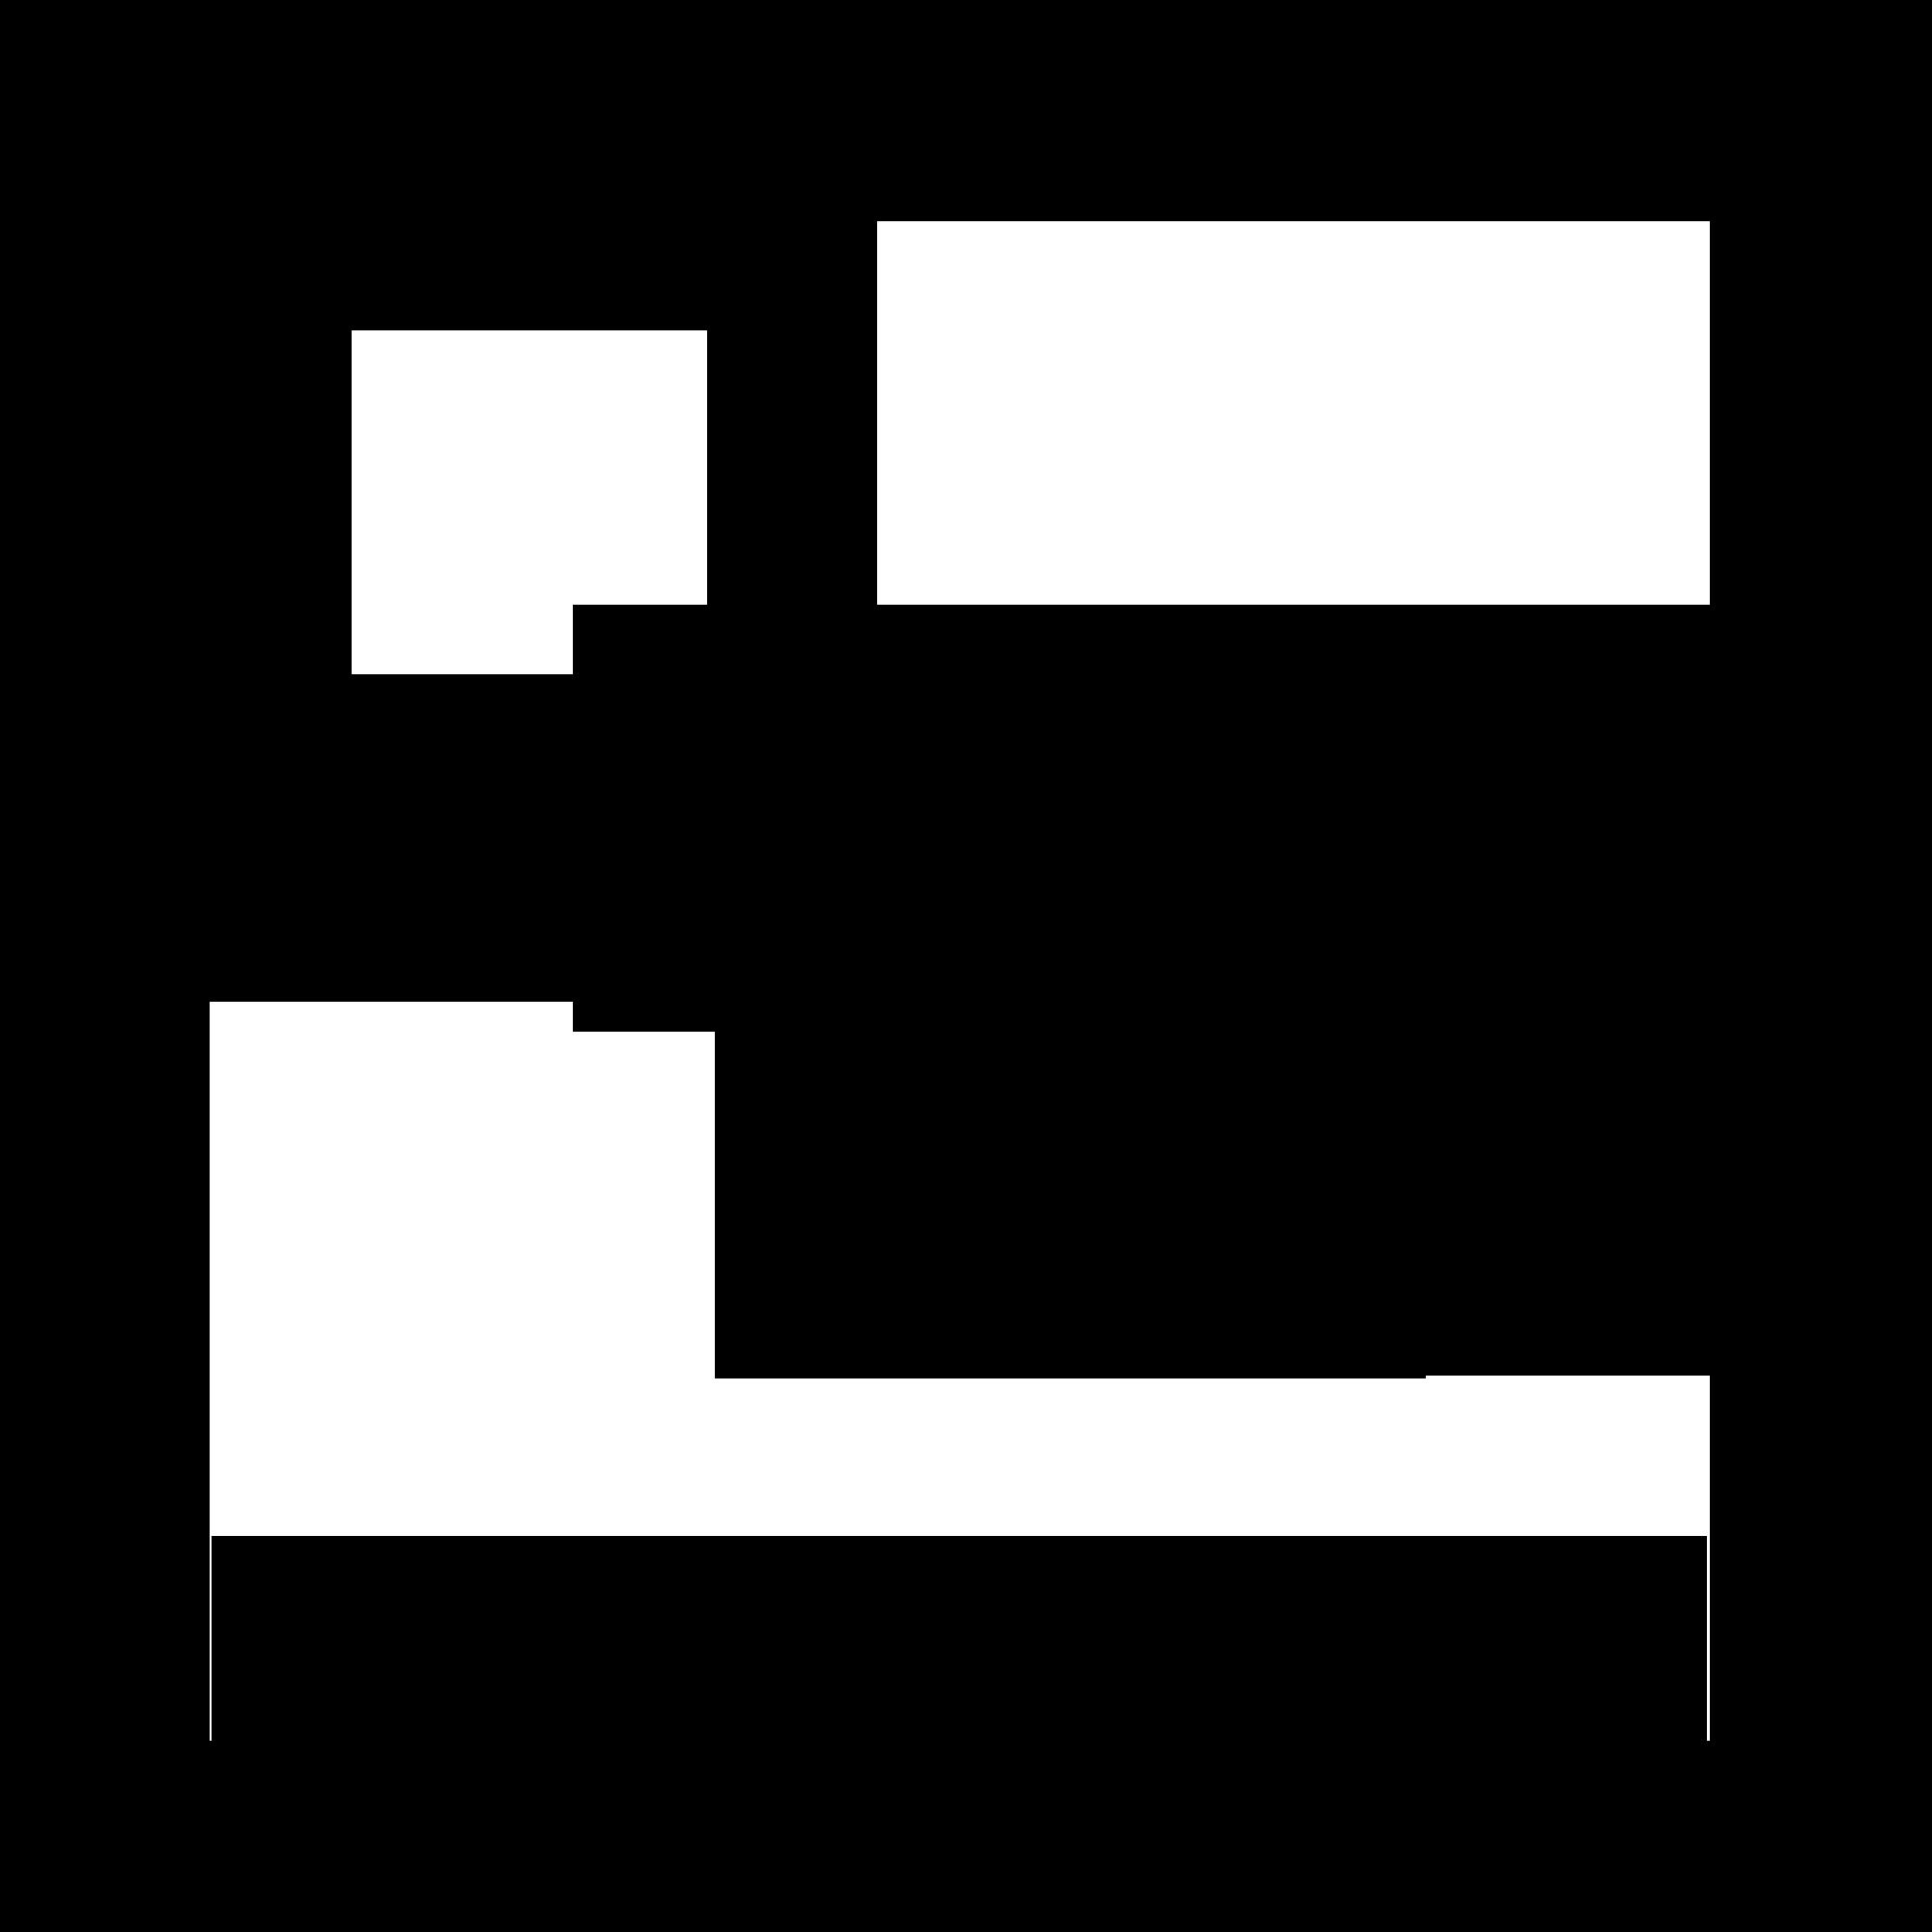 Chriostopher Weis